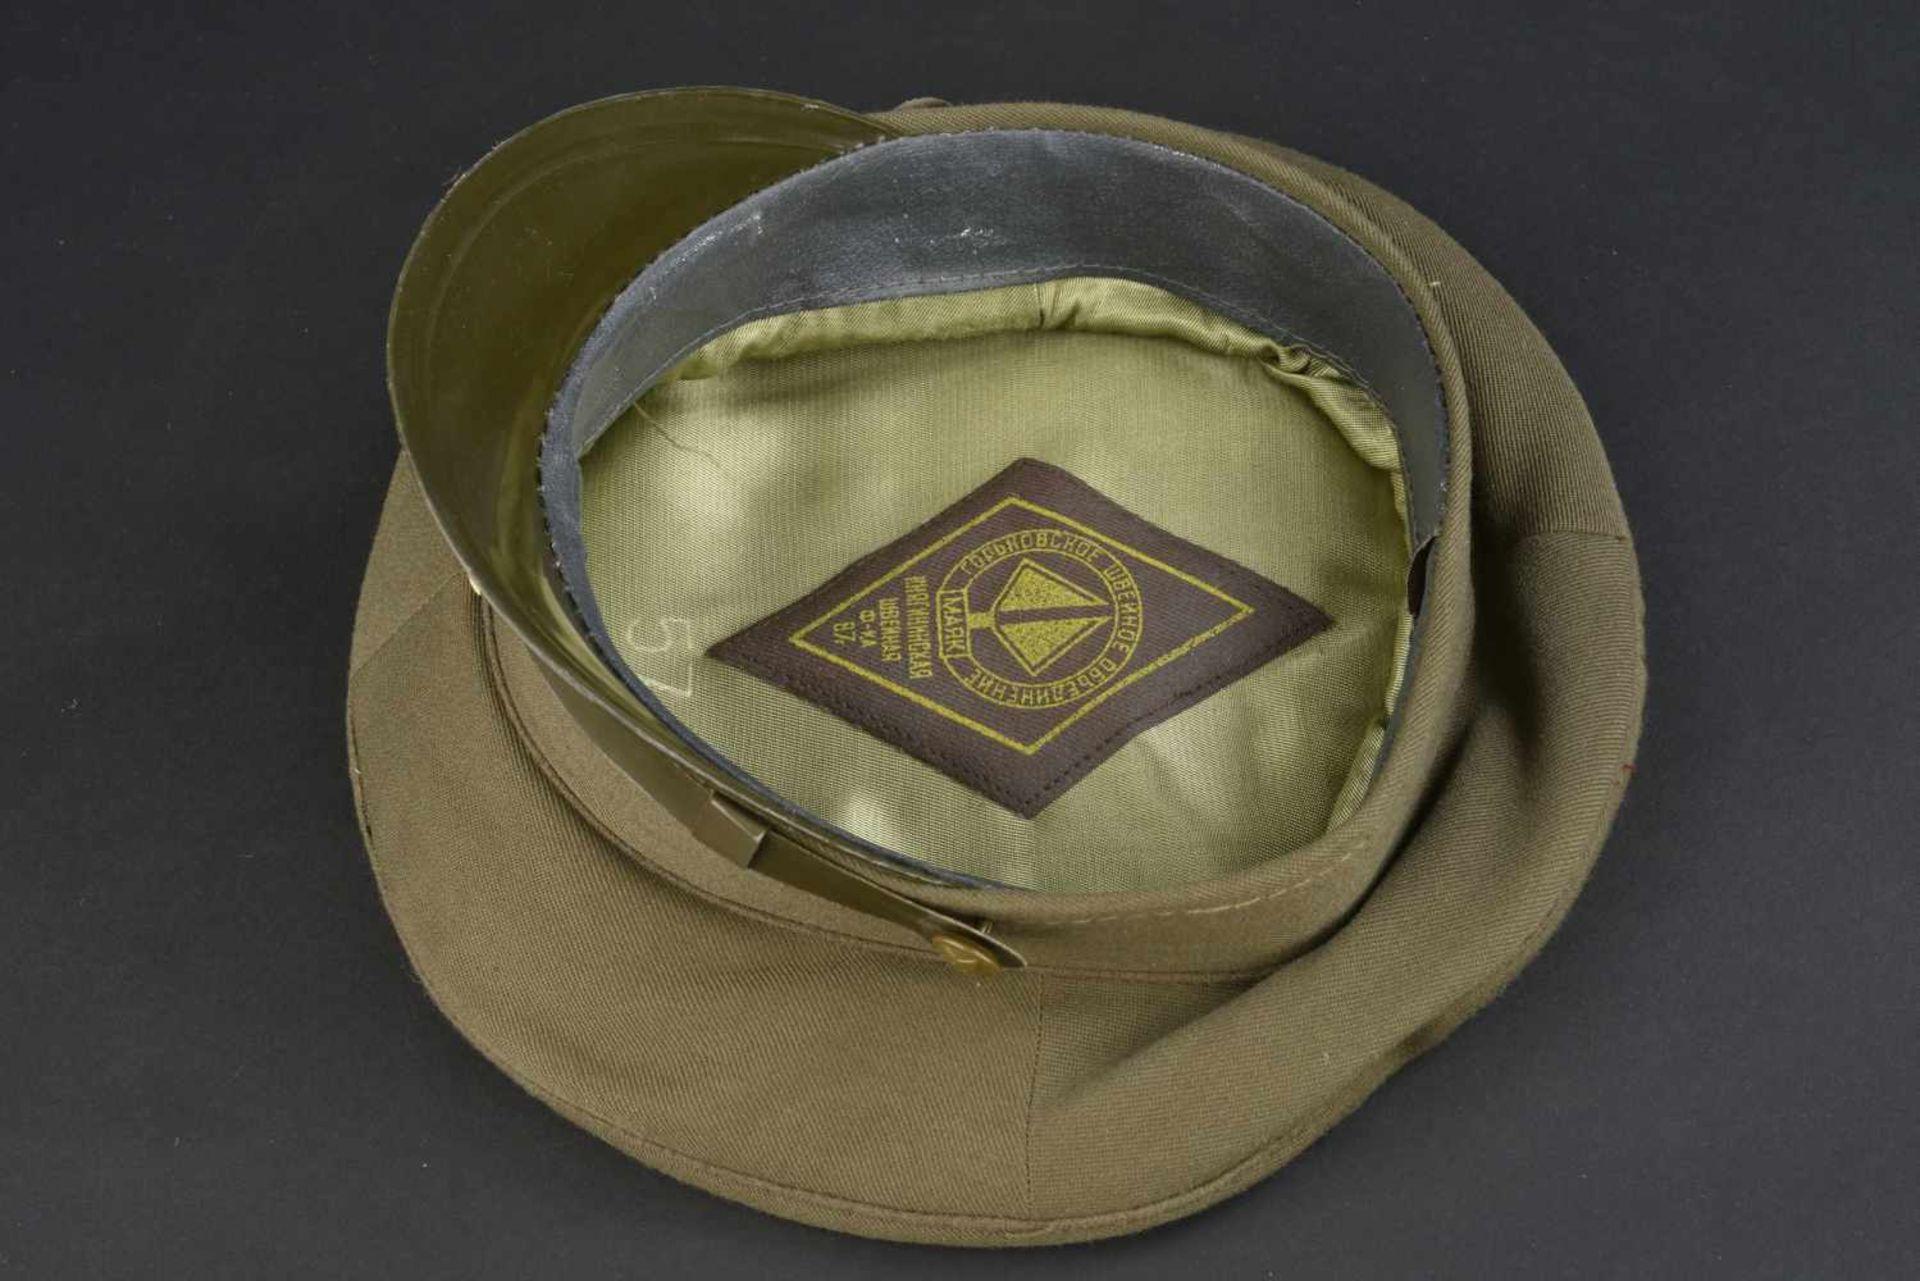 Casquette combat officier soviétique En tissu kaki, insigne métallique. Jugulaire complète. - Bild 3 aus 4